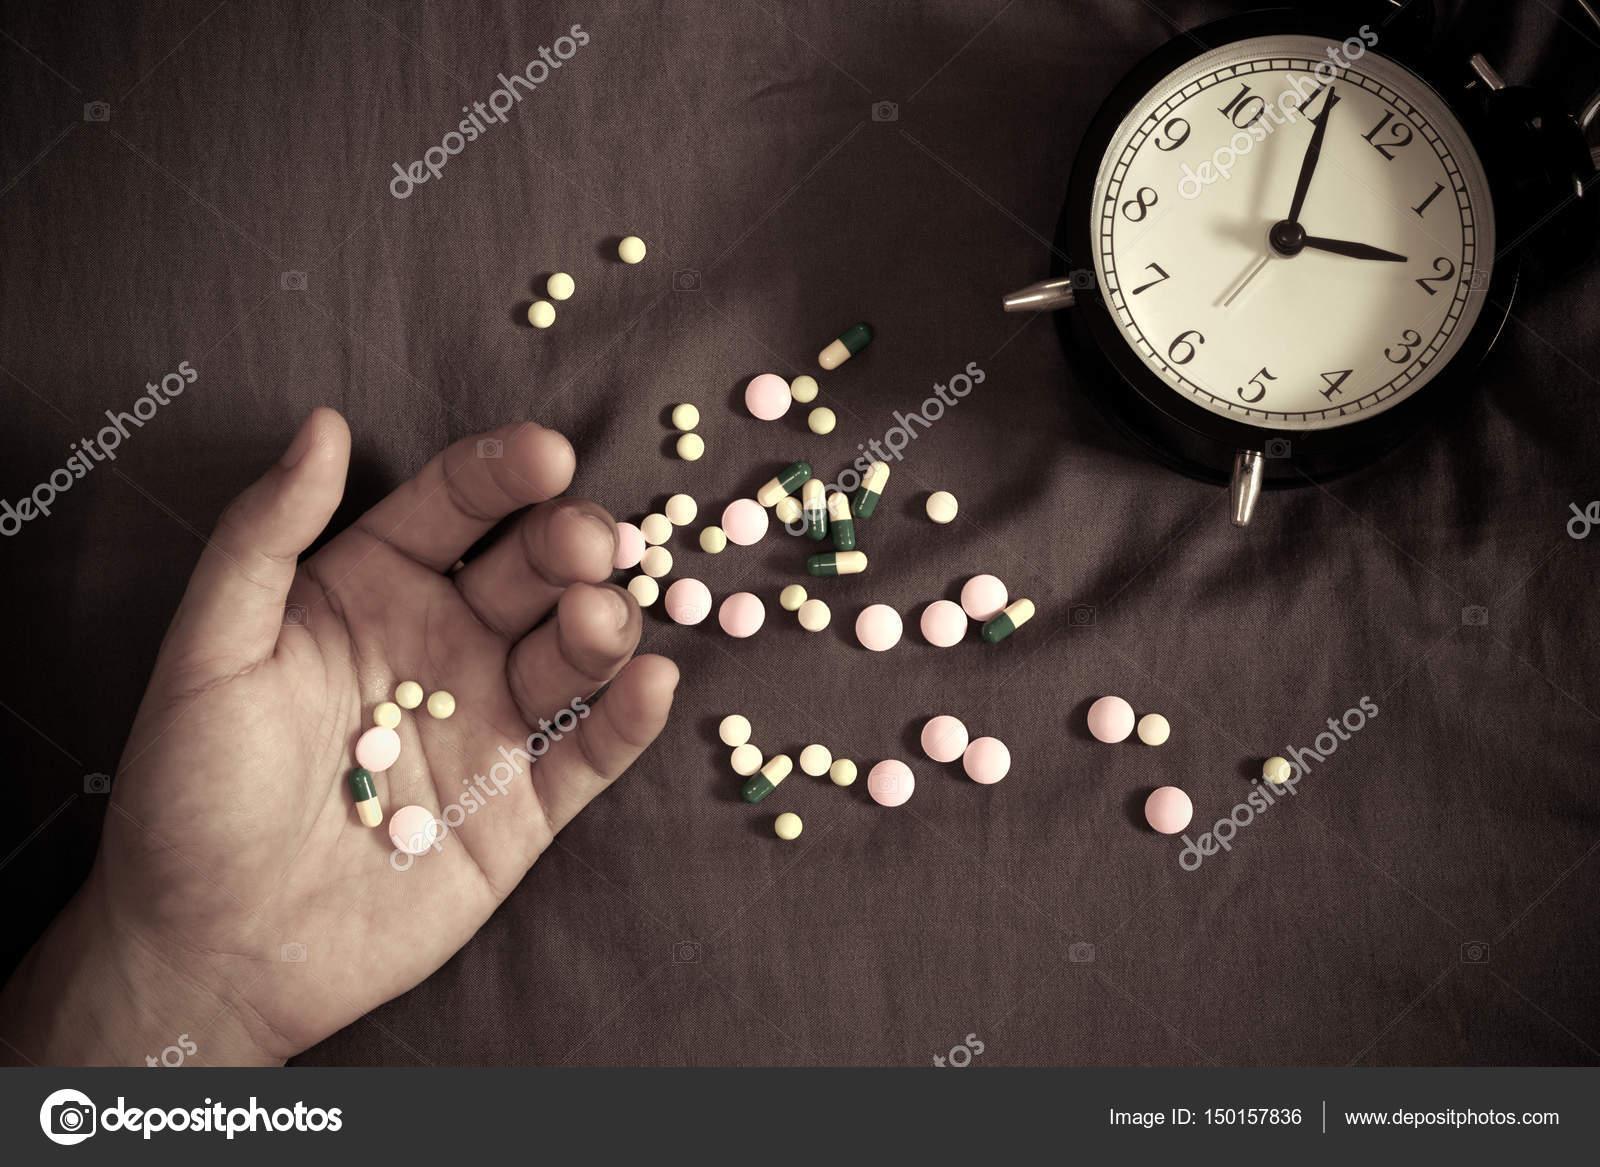 bolest hlavy v noci